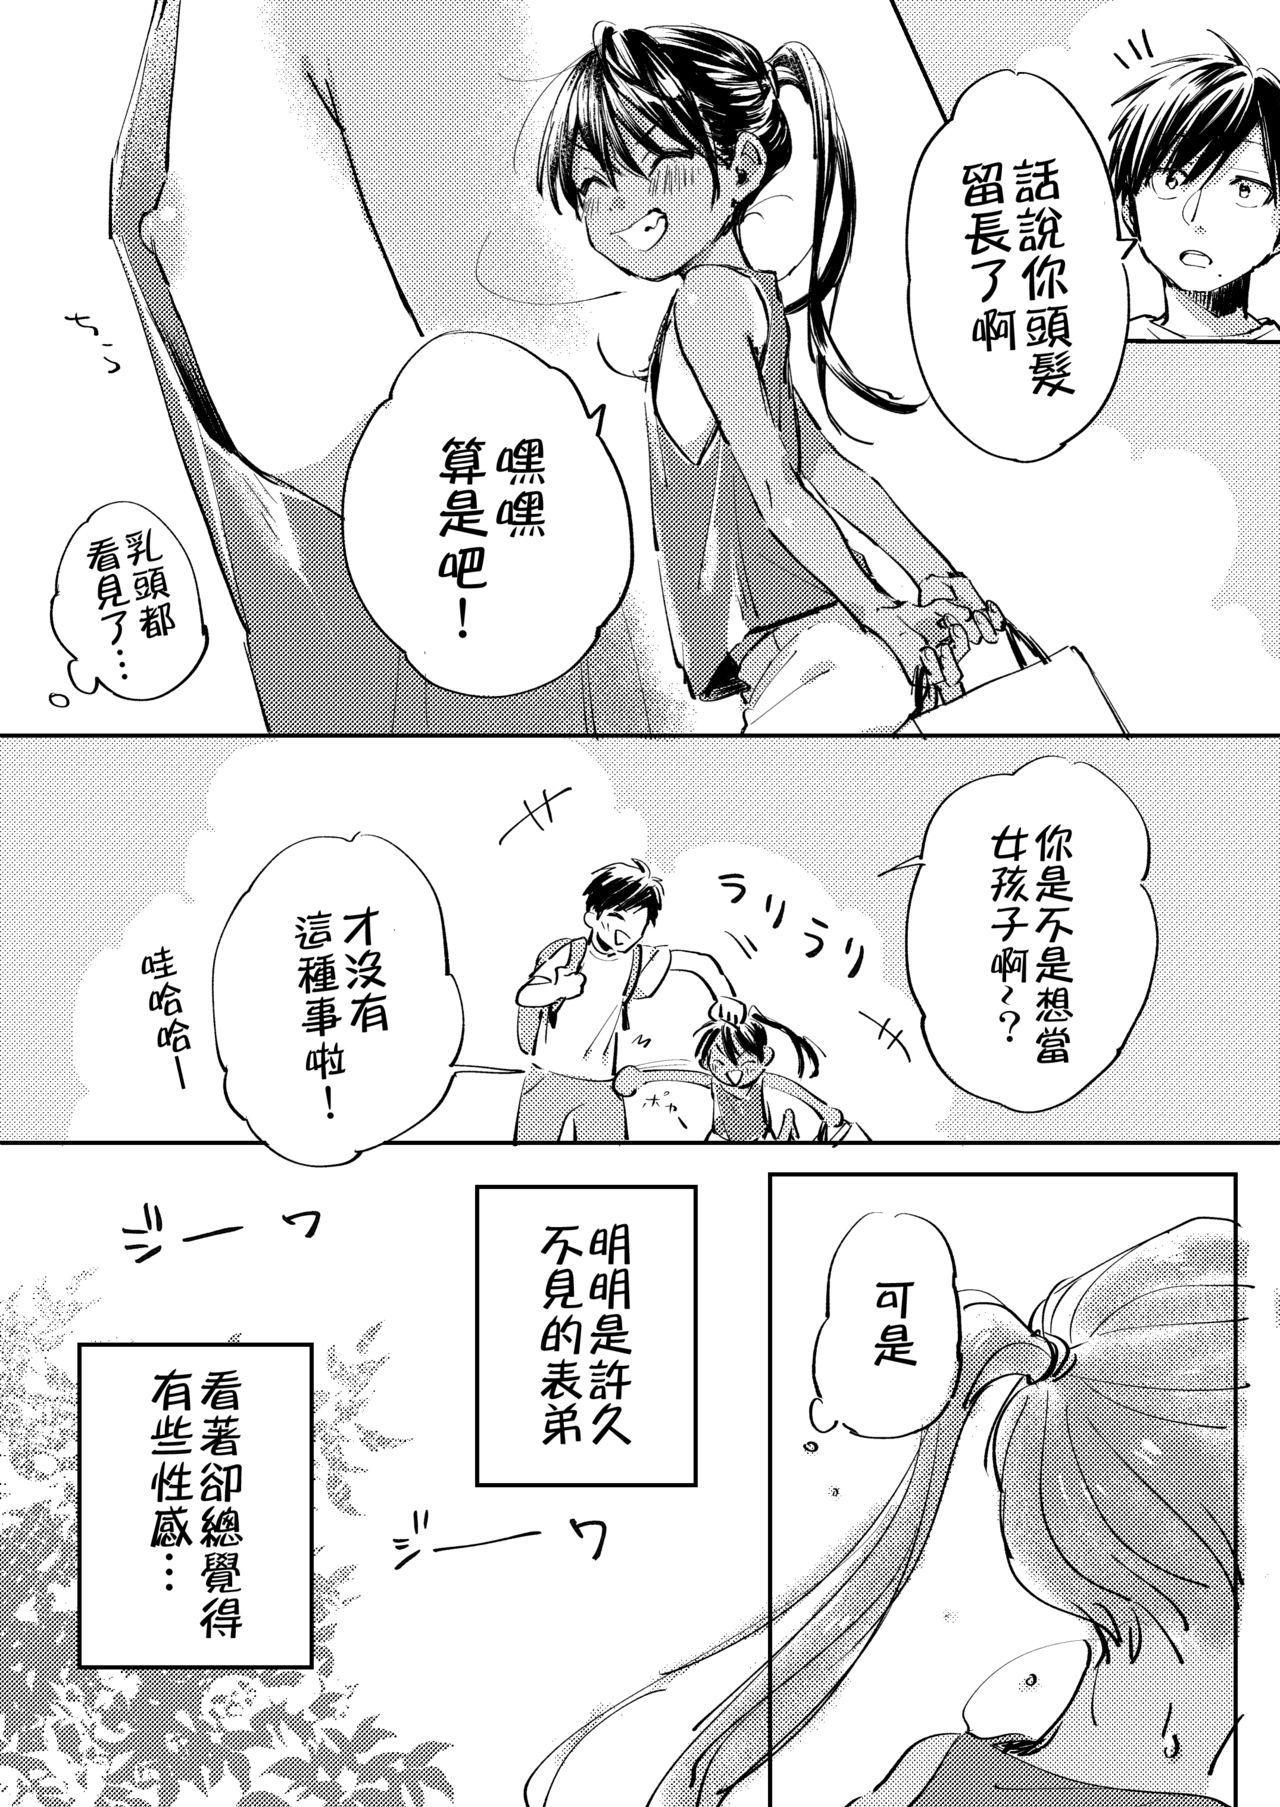 Inaka ni Kaeru to Yakeni Jiben ni Natsuita Kasshoku Ponytail Shota ga Iru 1